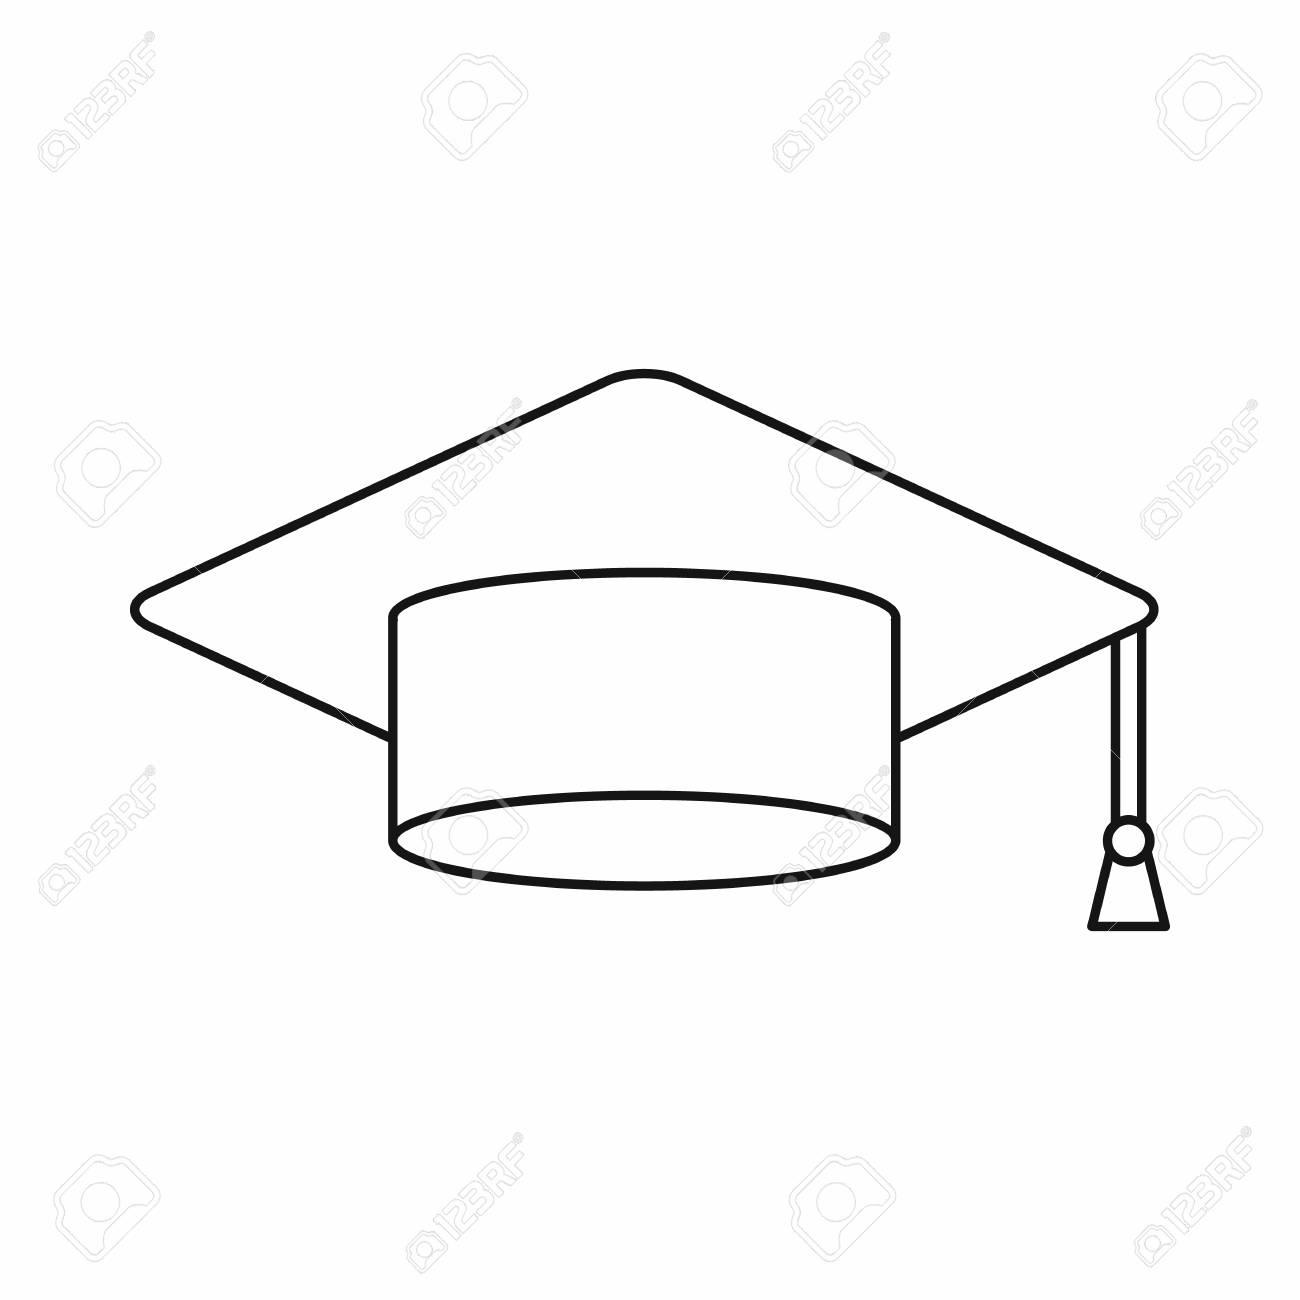 Graduation Cap Outline Free Download Clip Art.